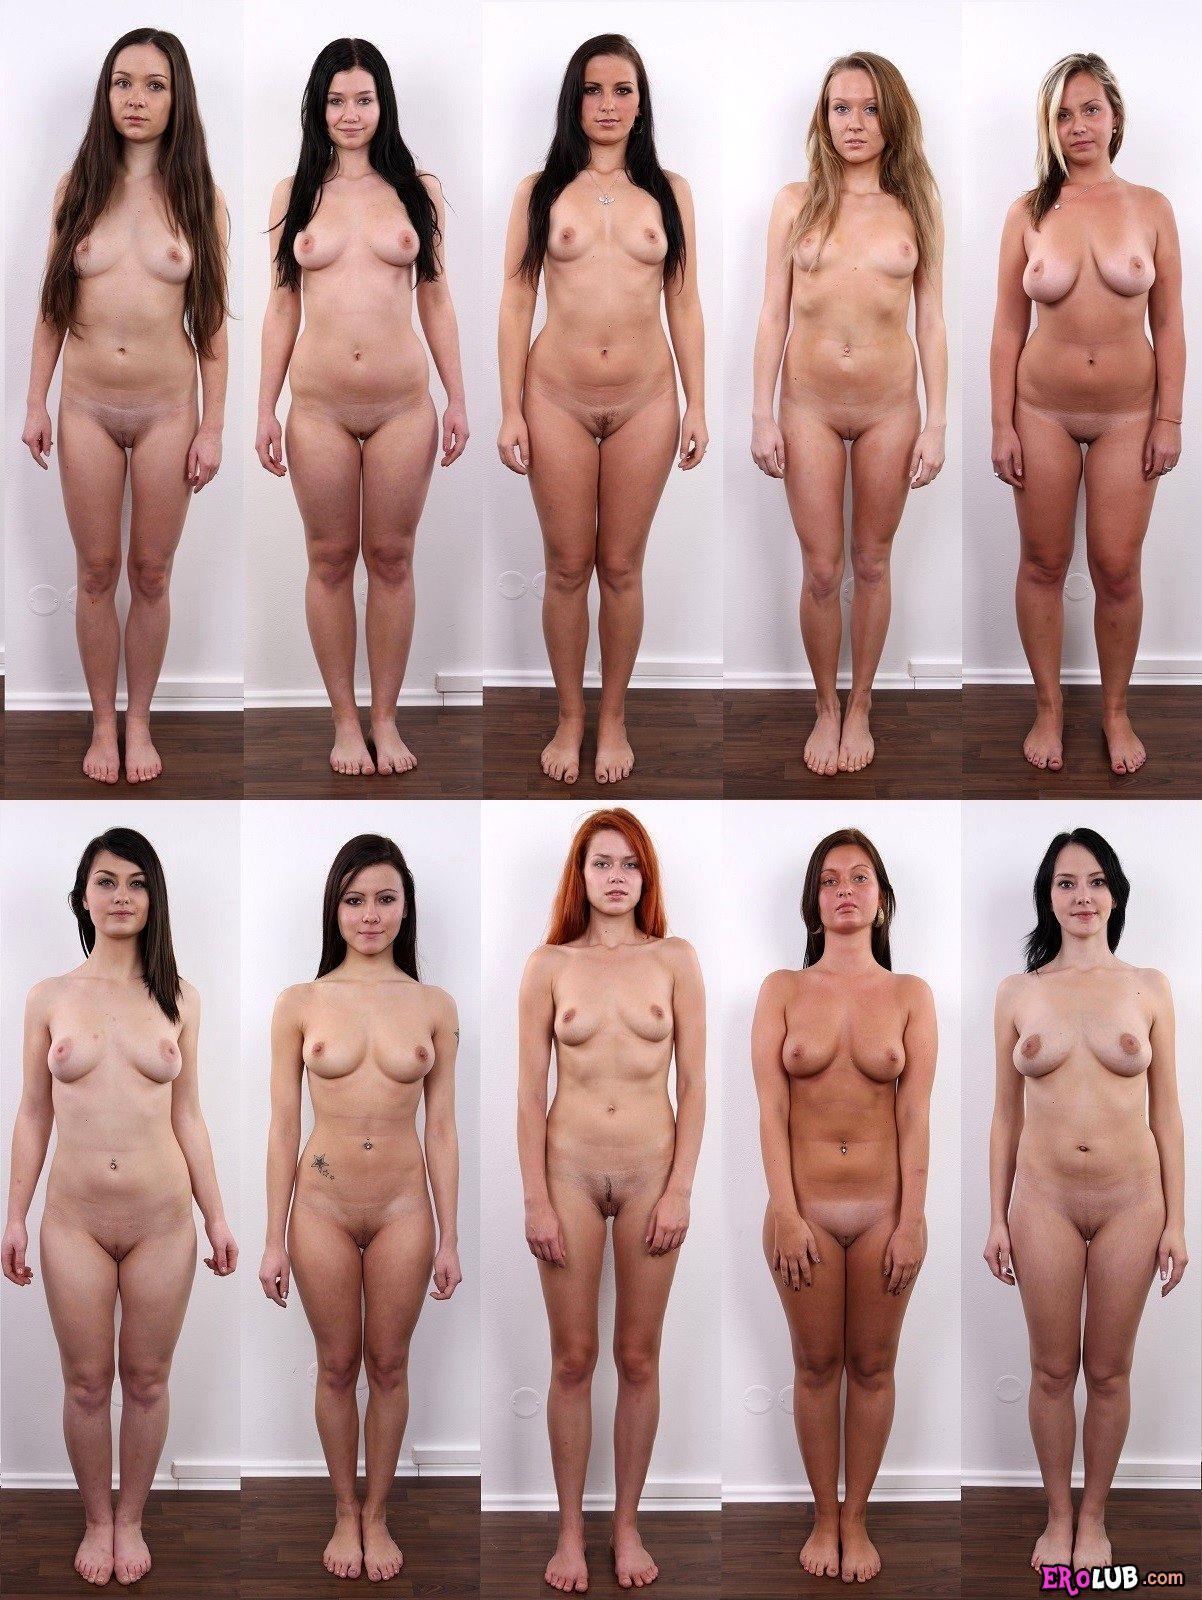 Голые девушки на фото проходят кастинг в порно